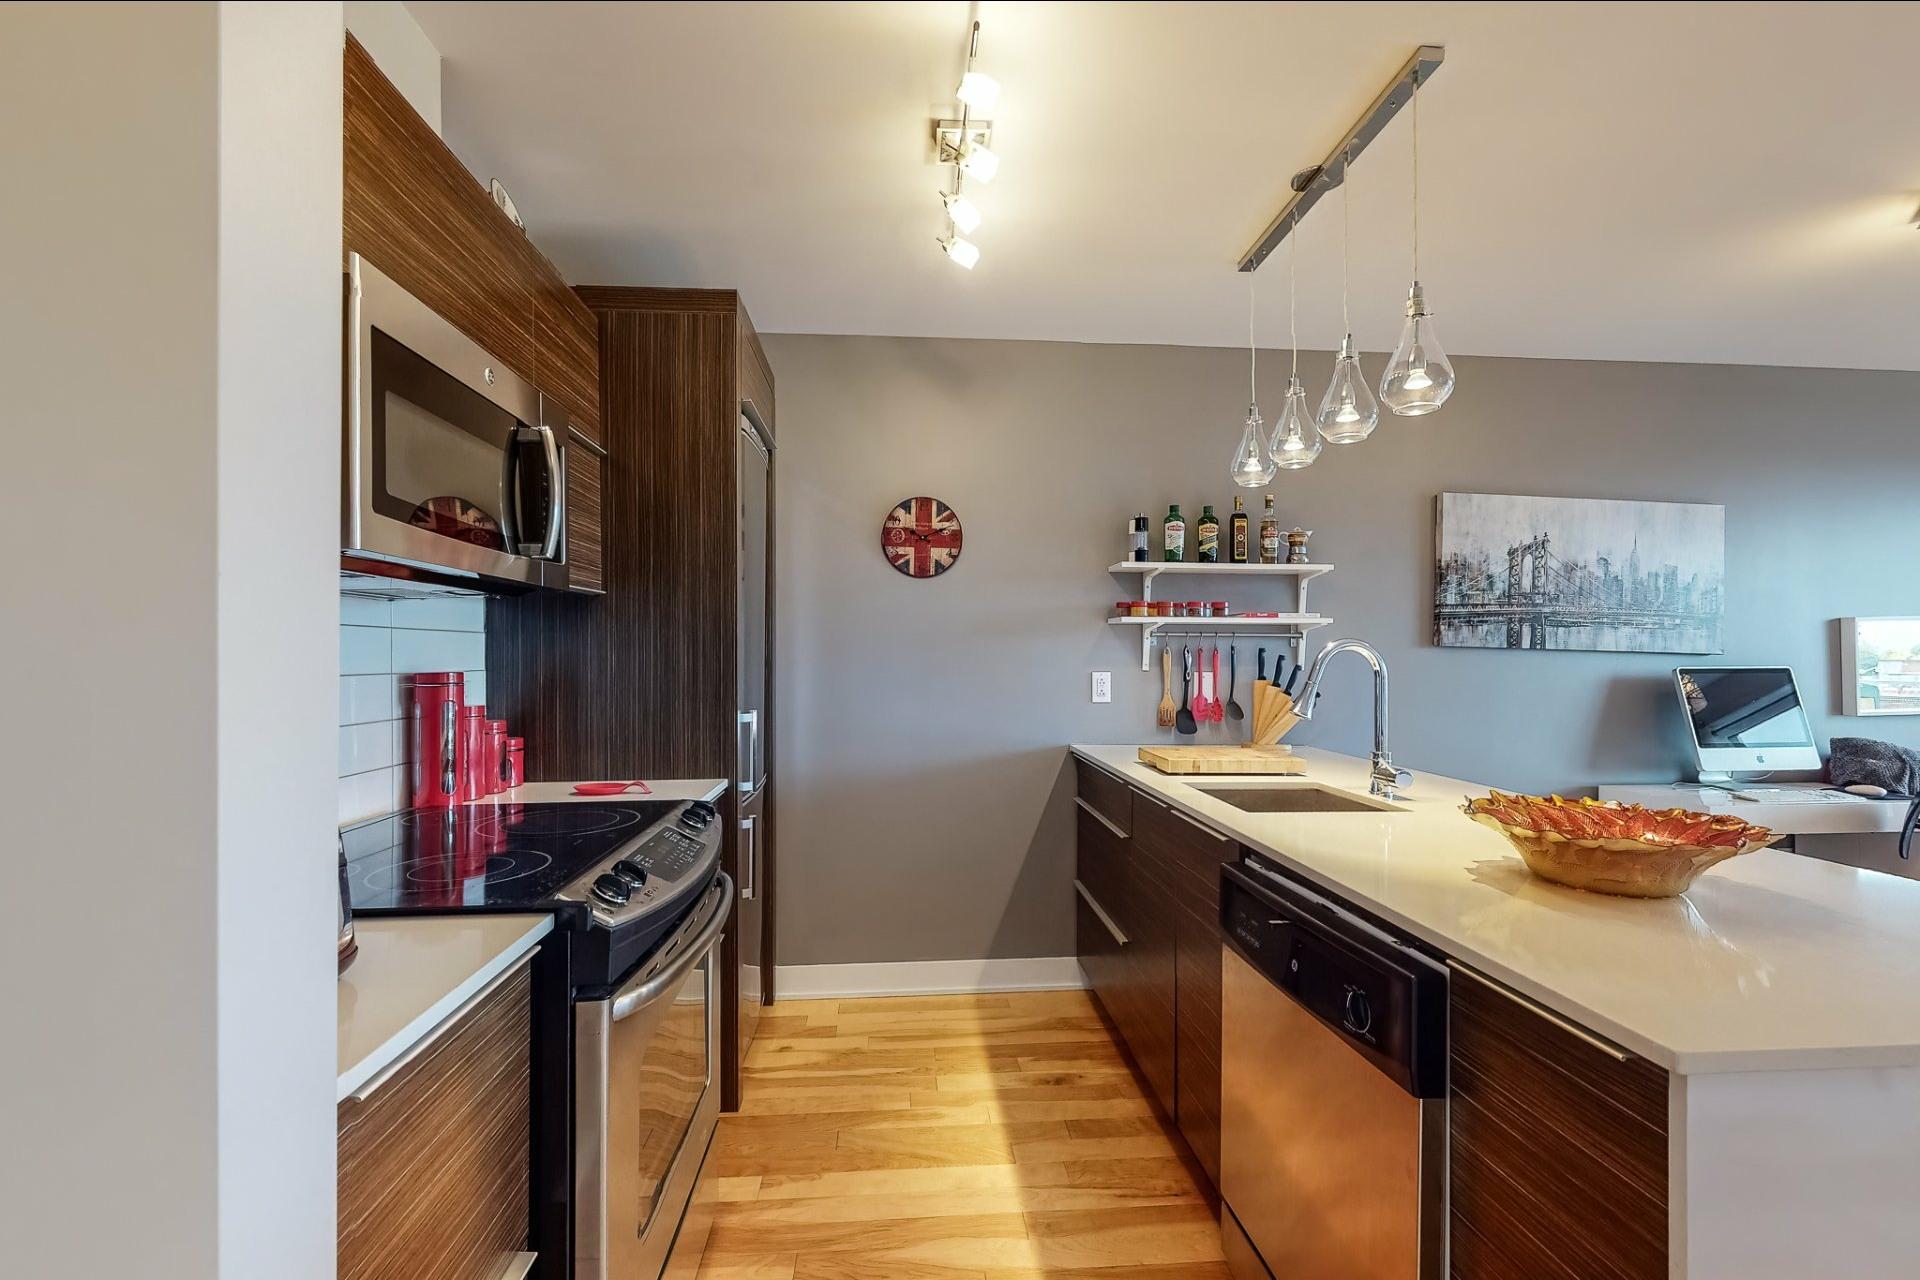 image 7 - Appartement À vendre Rosemont/La Petite-Patrie Montréal  - 3 pièces